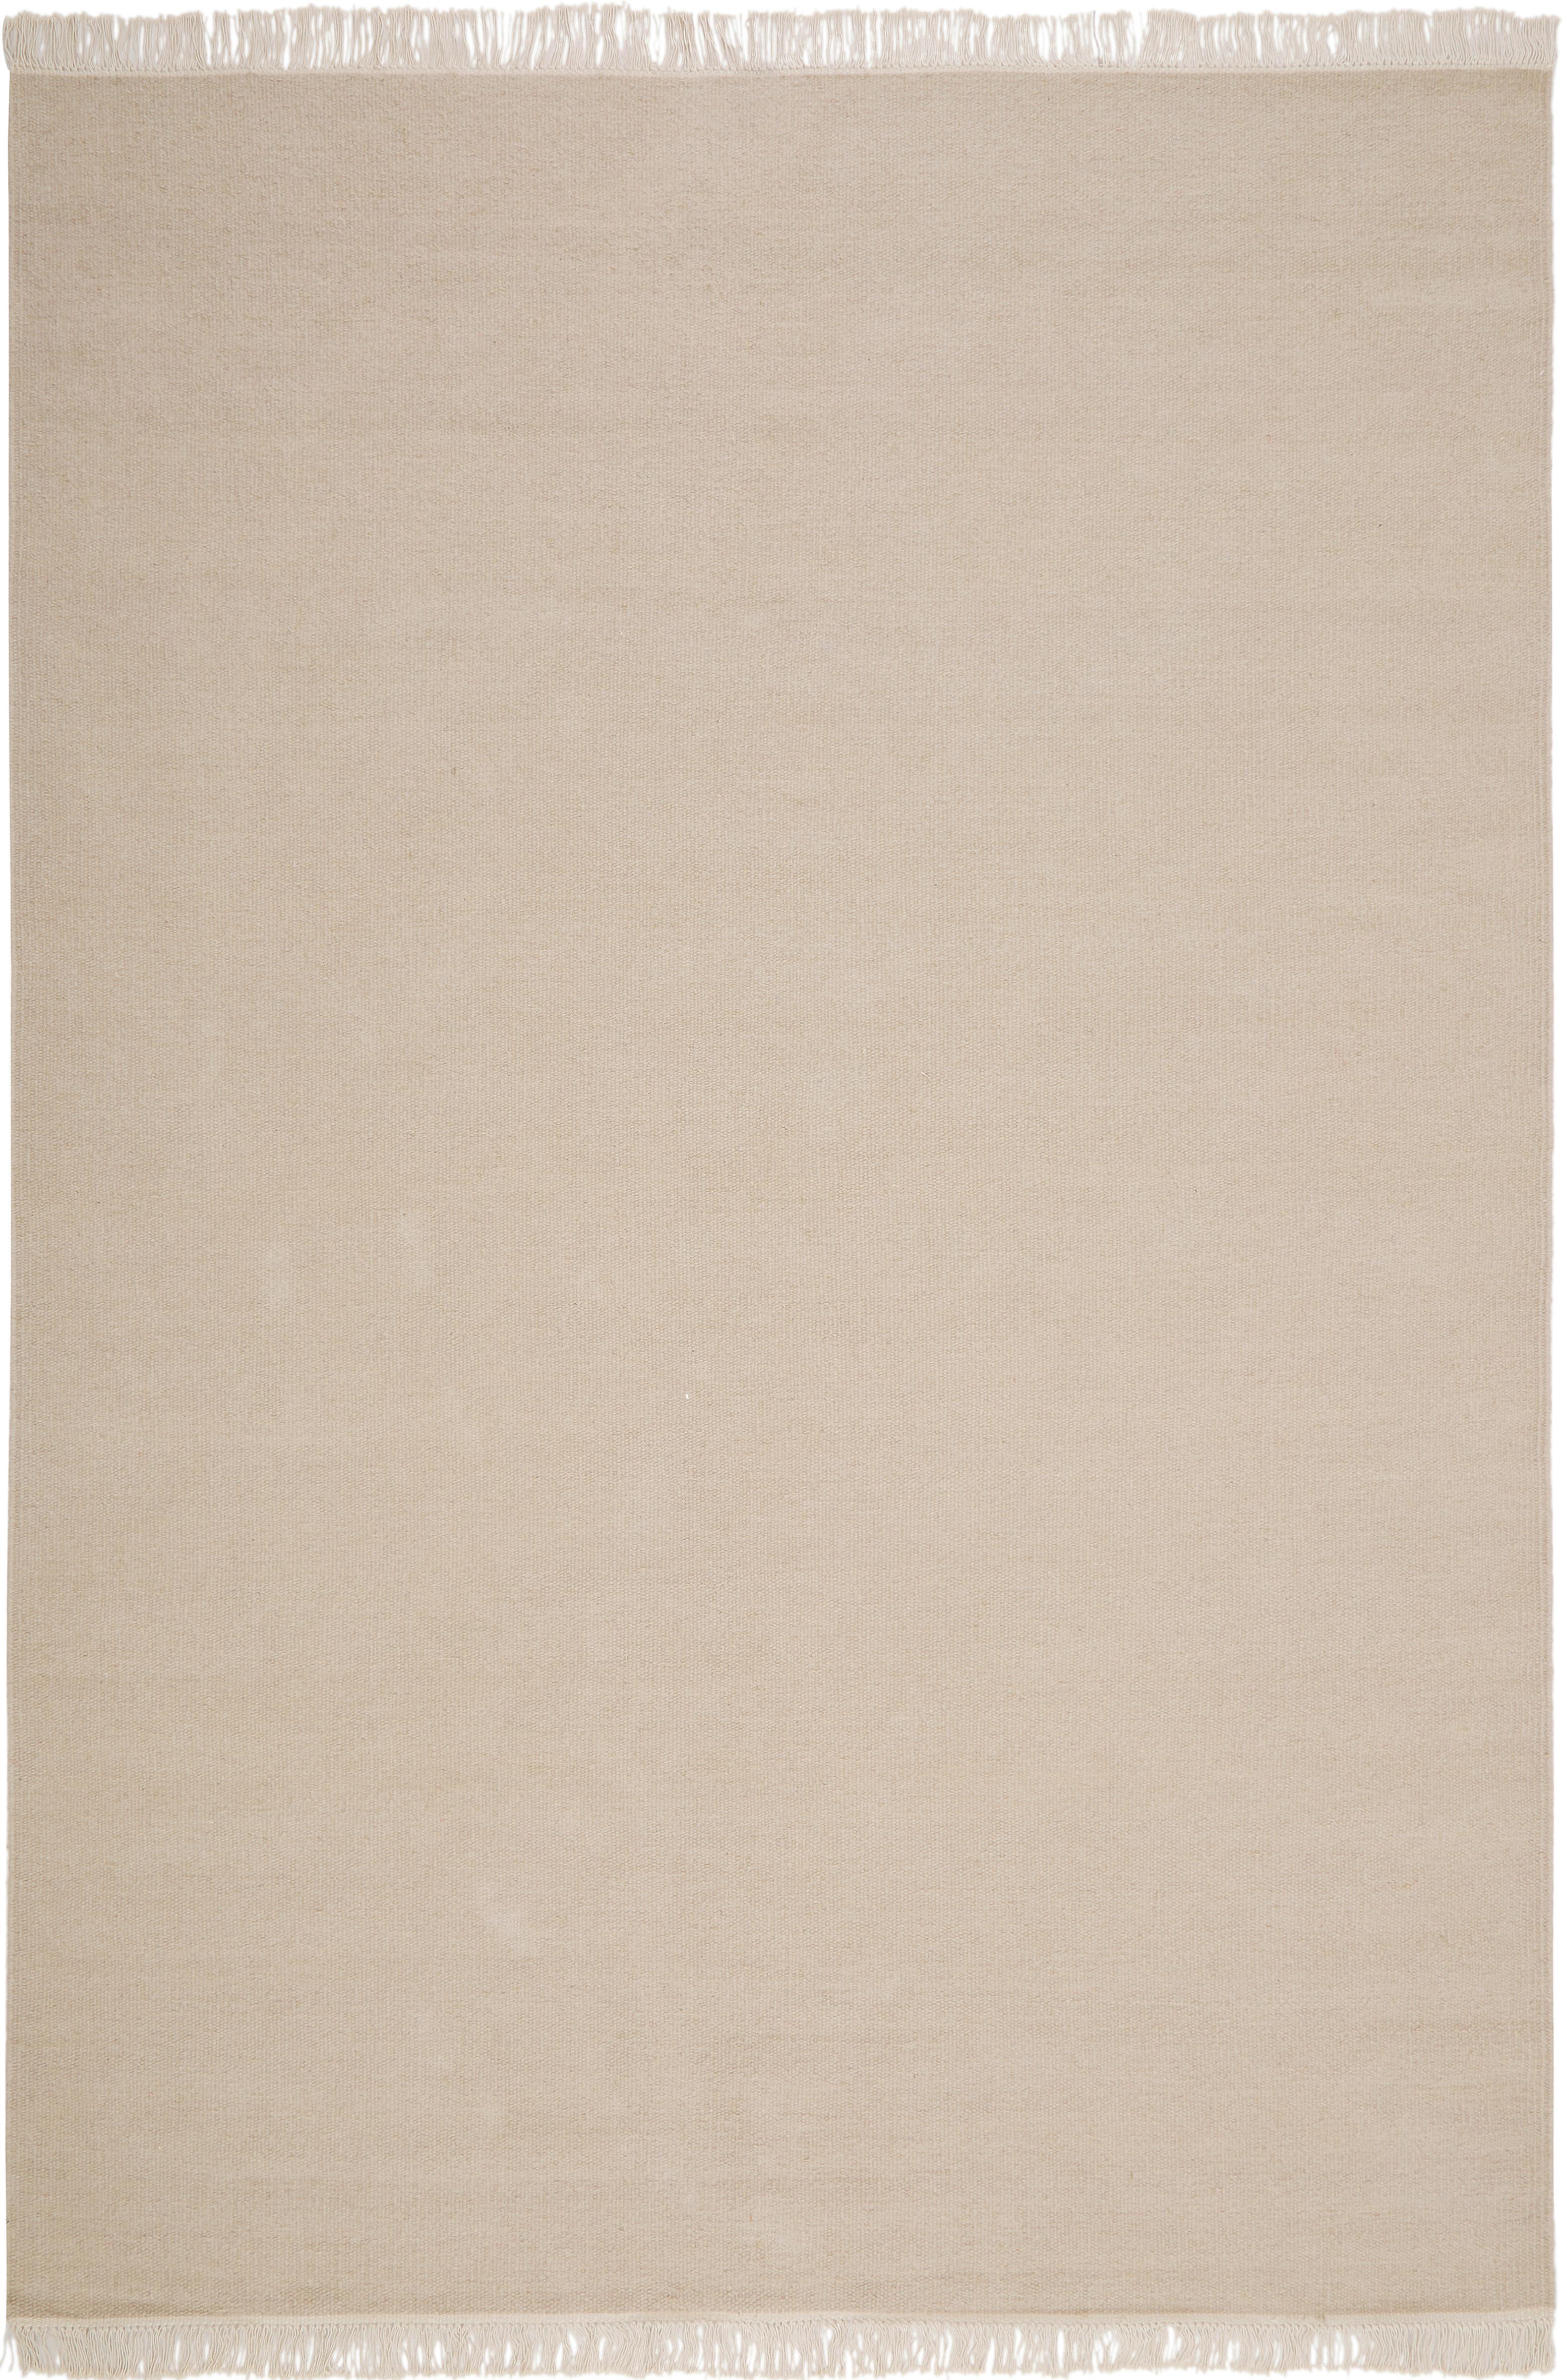 Tappeto in lana tessuto a mano con frange Rainbow, Retro: cotone, Sabbia, Larg. 140 x Lung. 200 cm (taglia S)